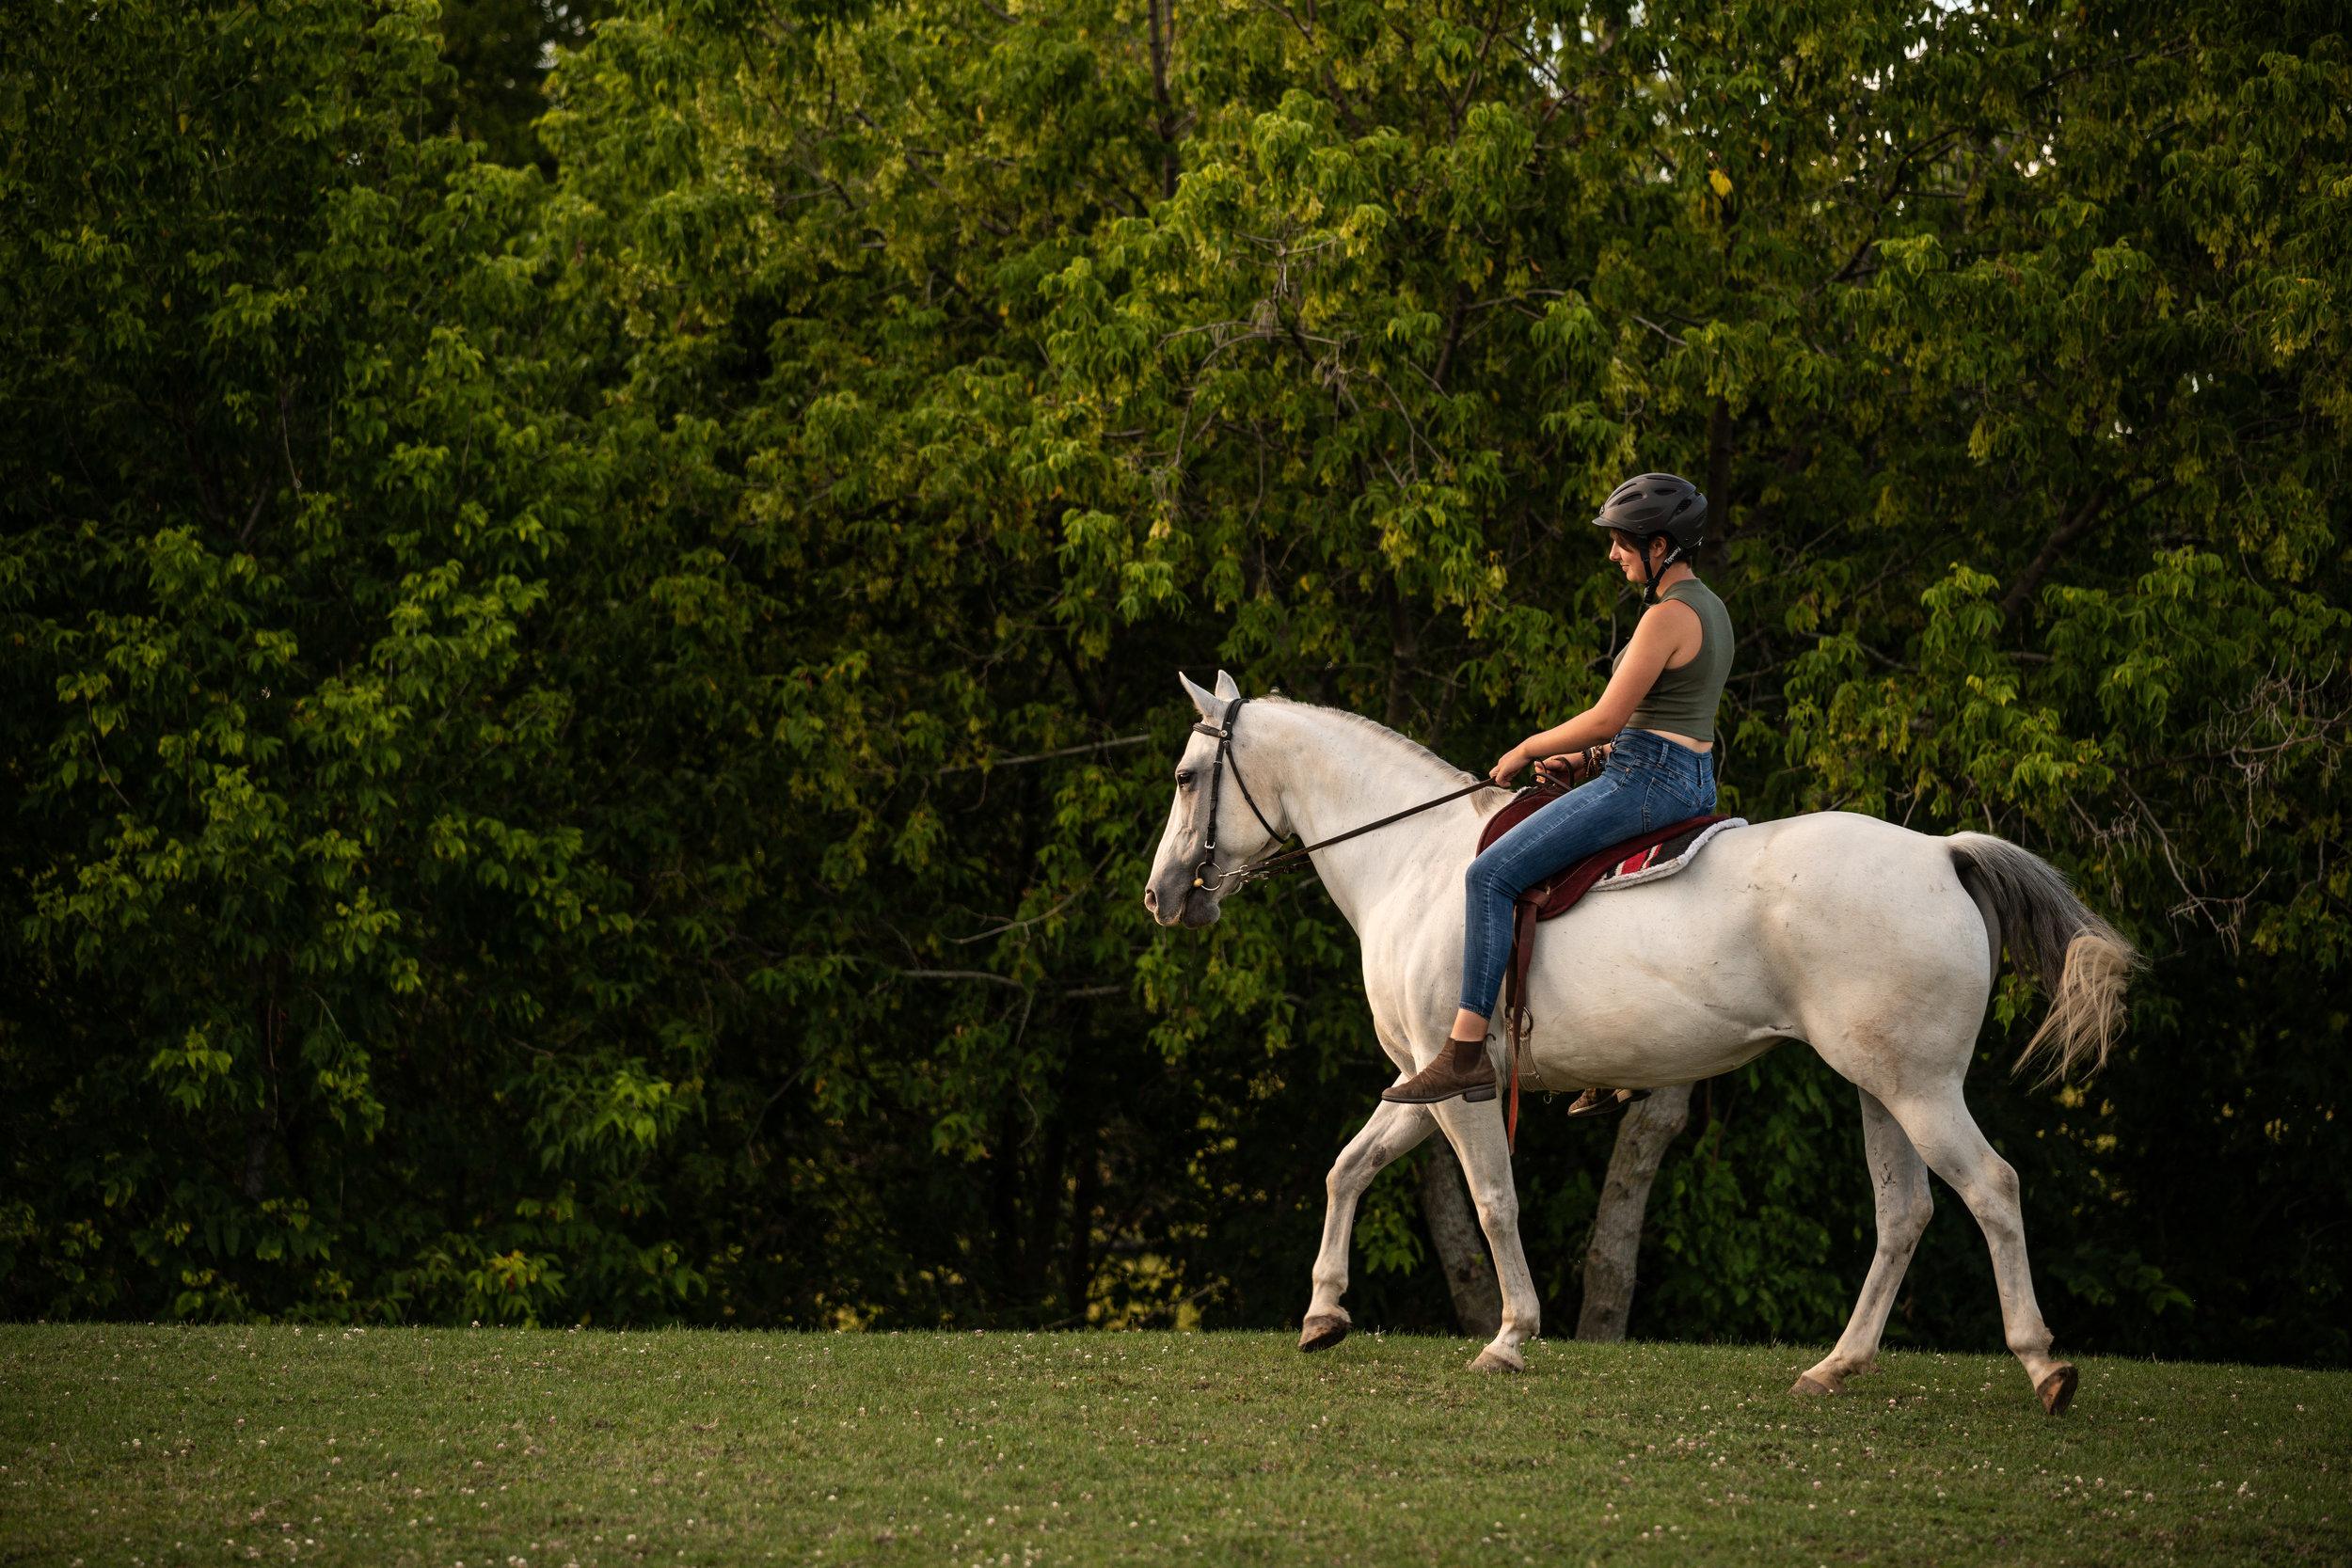 A girl riding a grey quarter horse